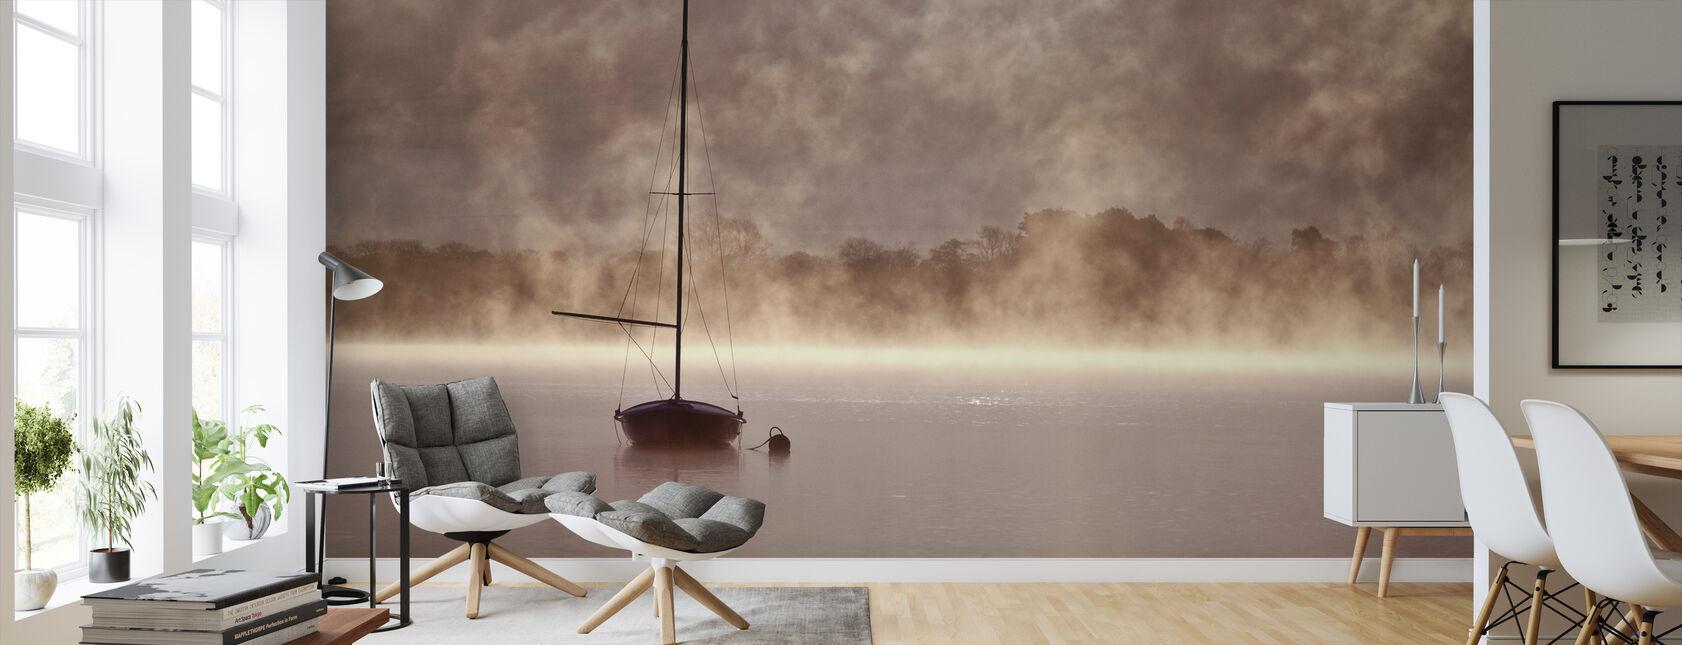 Misty Boatride - Tapet - Stue